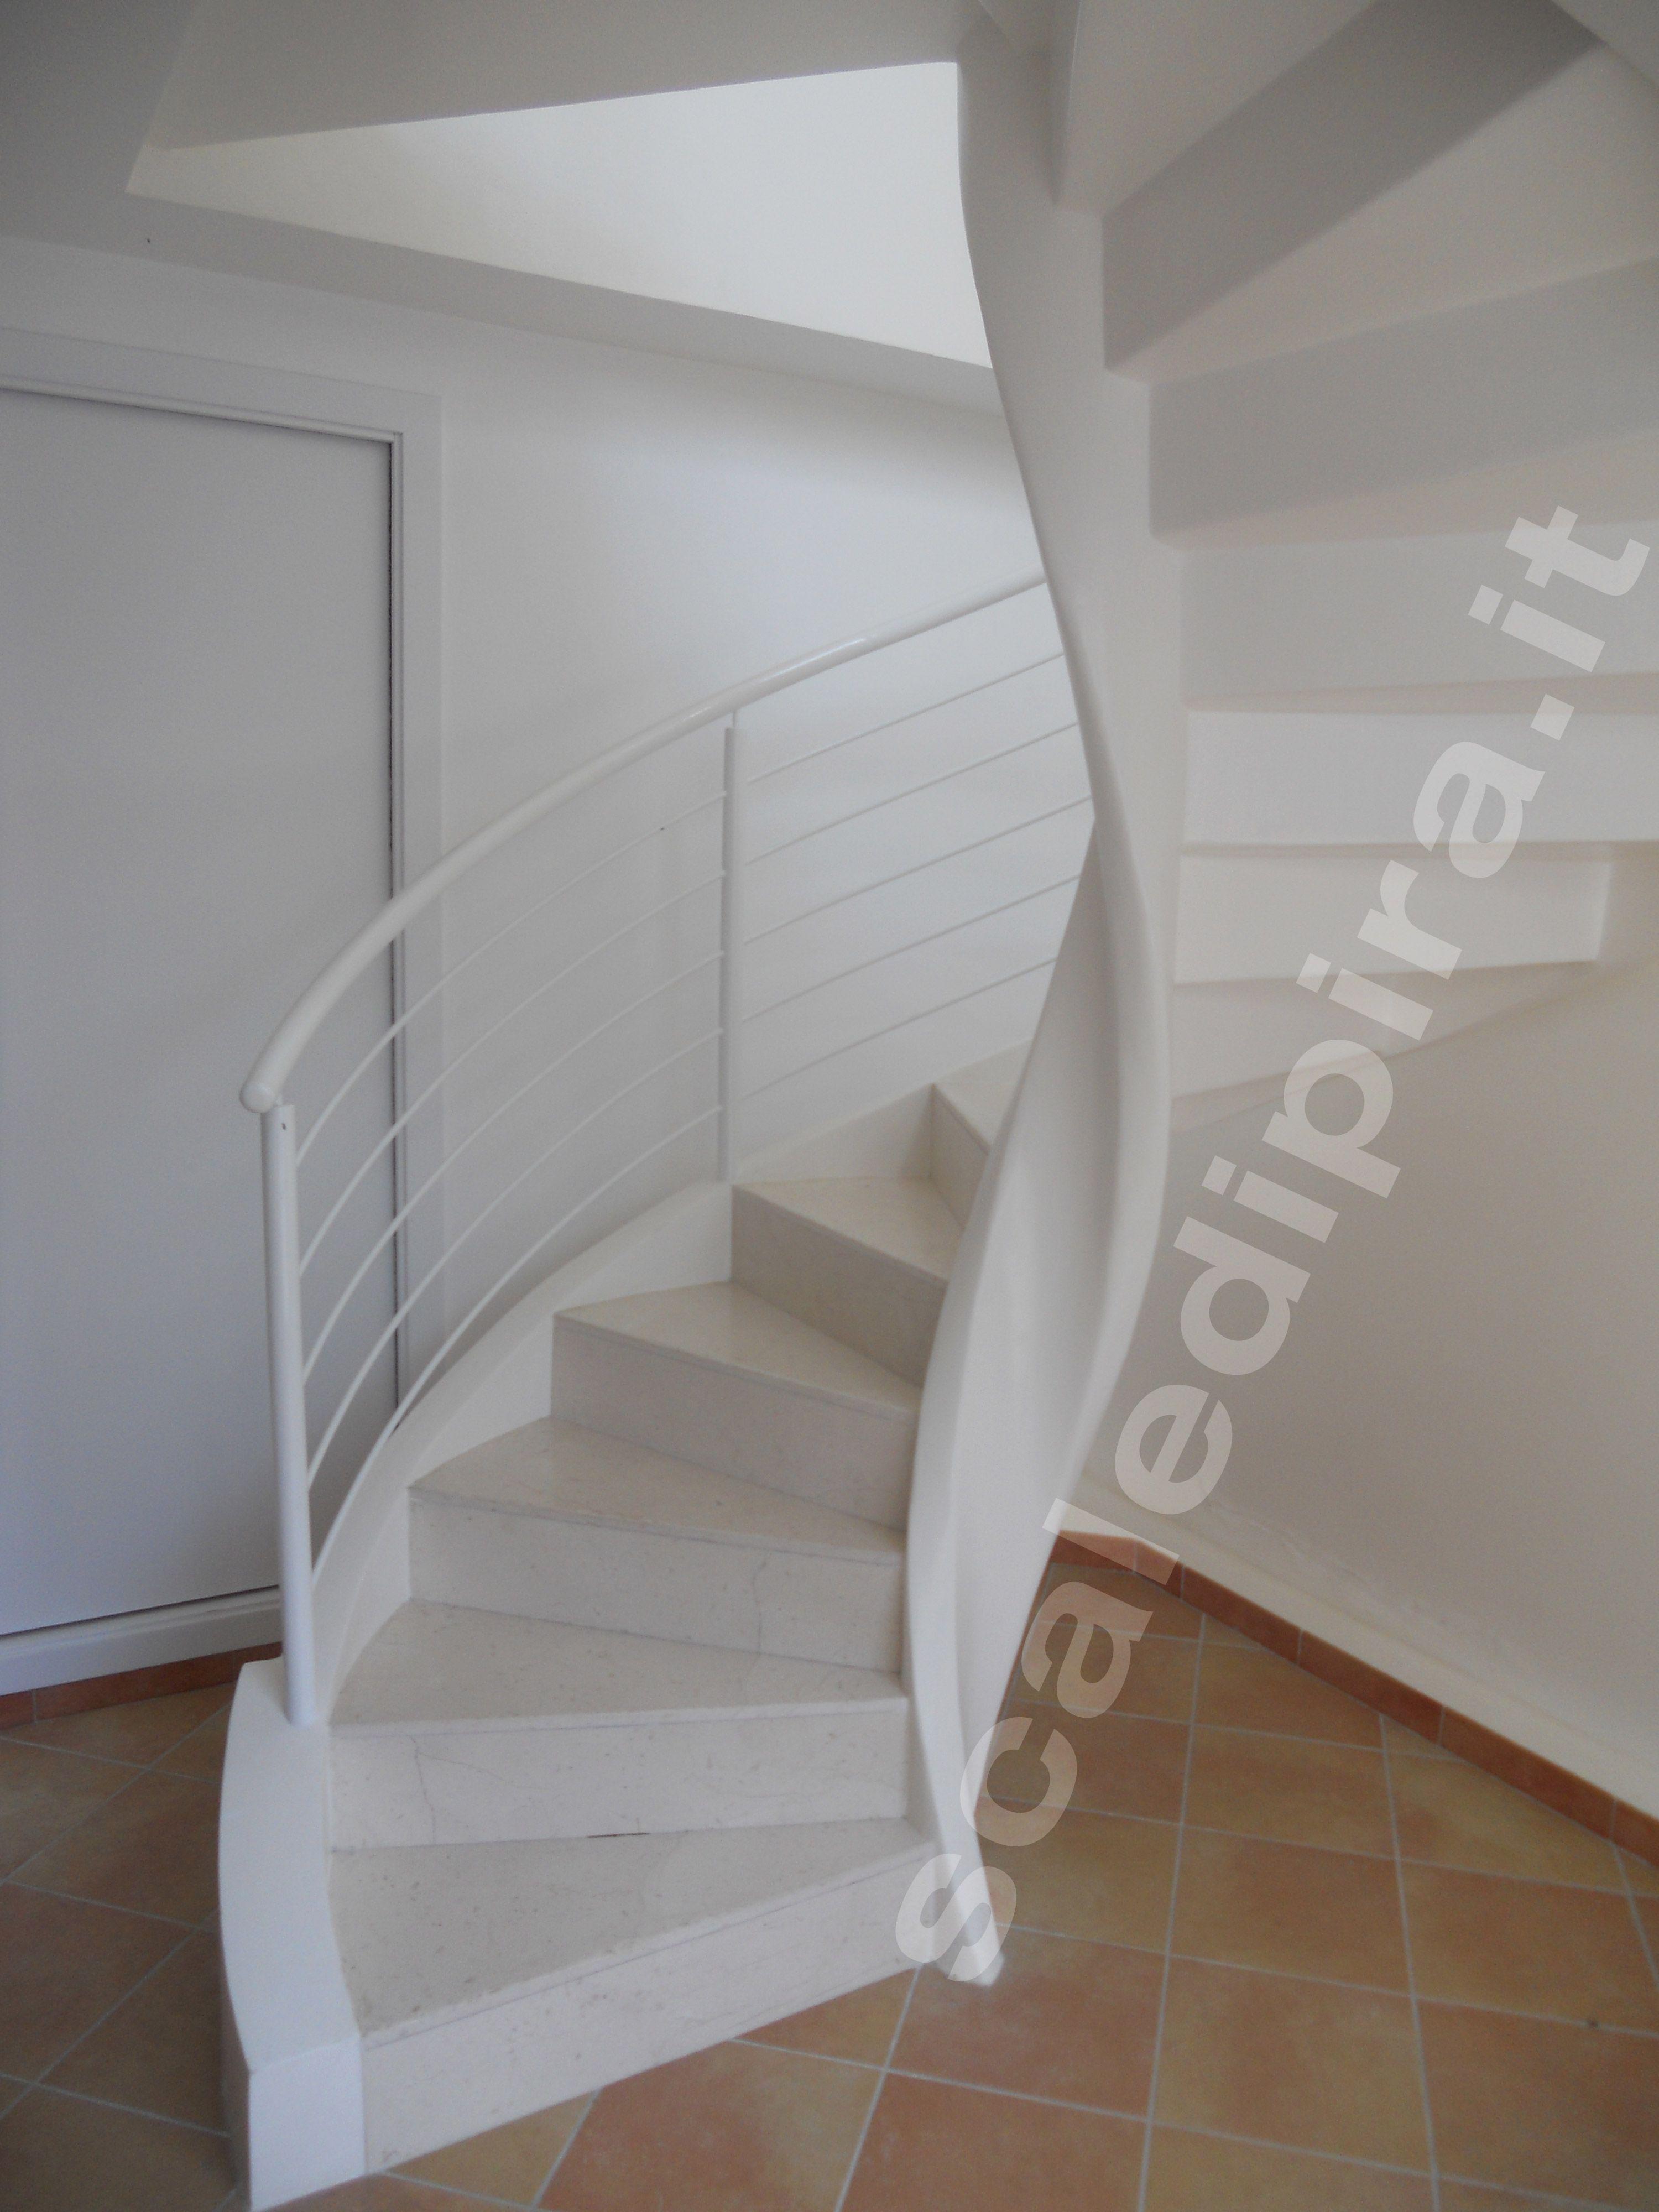 Le scale elicoidali sono una classica soluzione per - Scale minimo ingombro ...